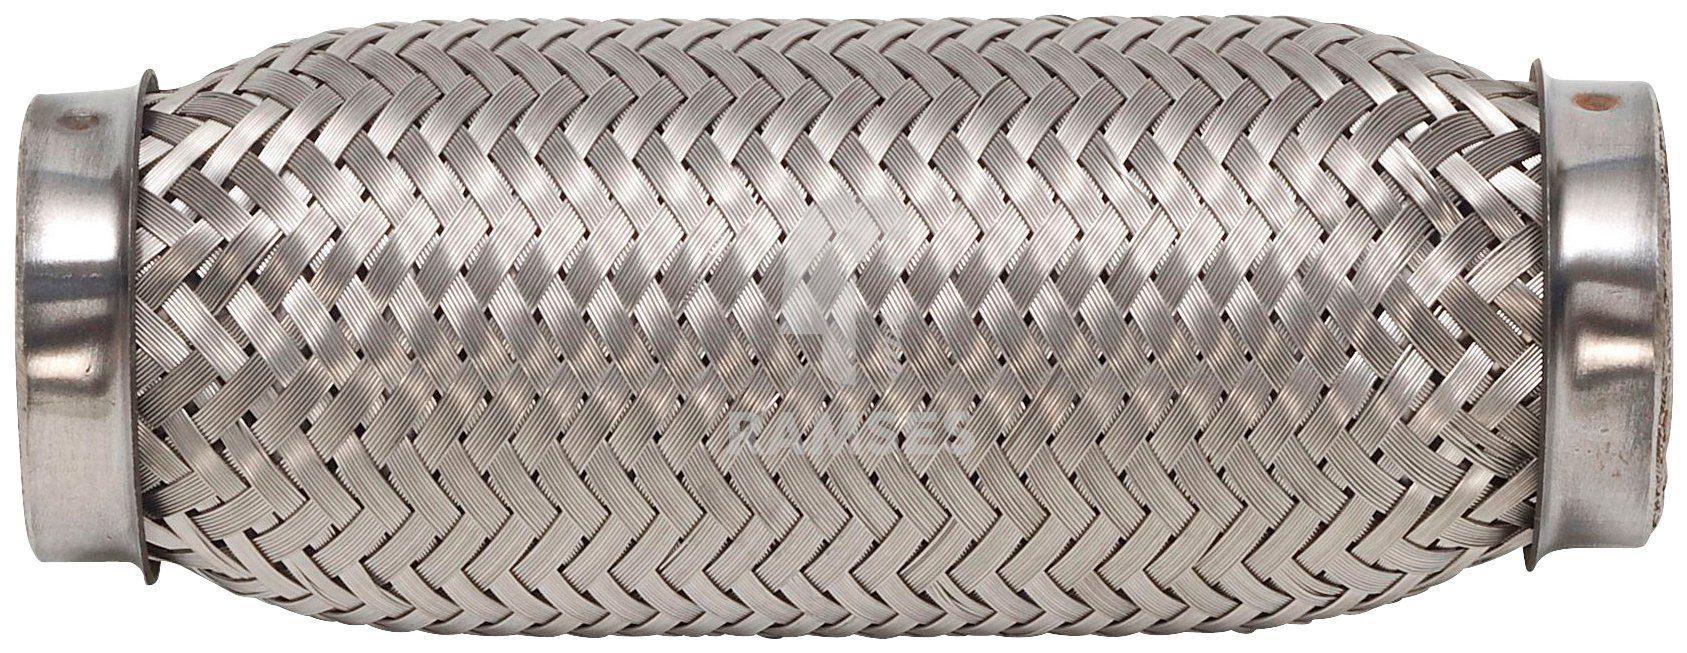 RAMSES Hosenrohr , 54 x 200 mm Edelstahl A2